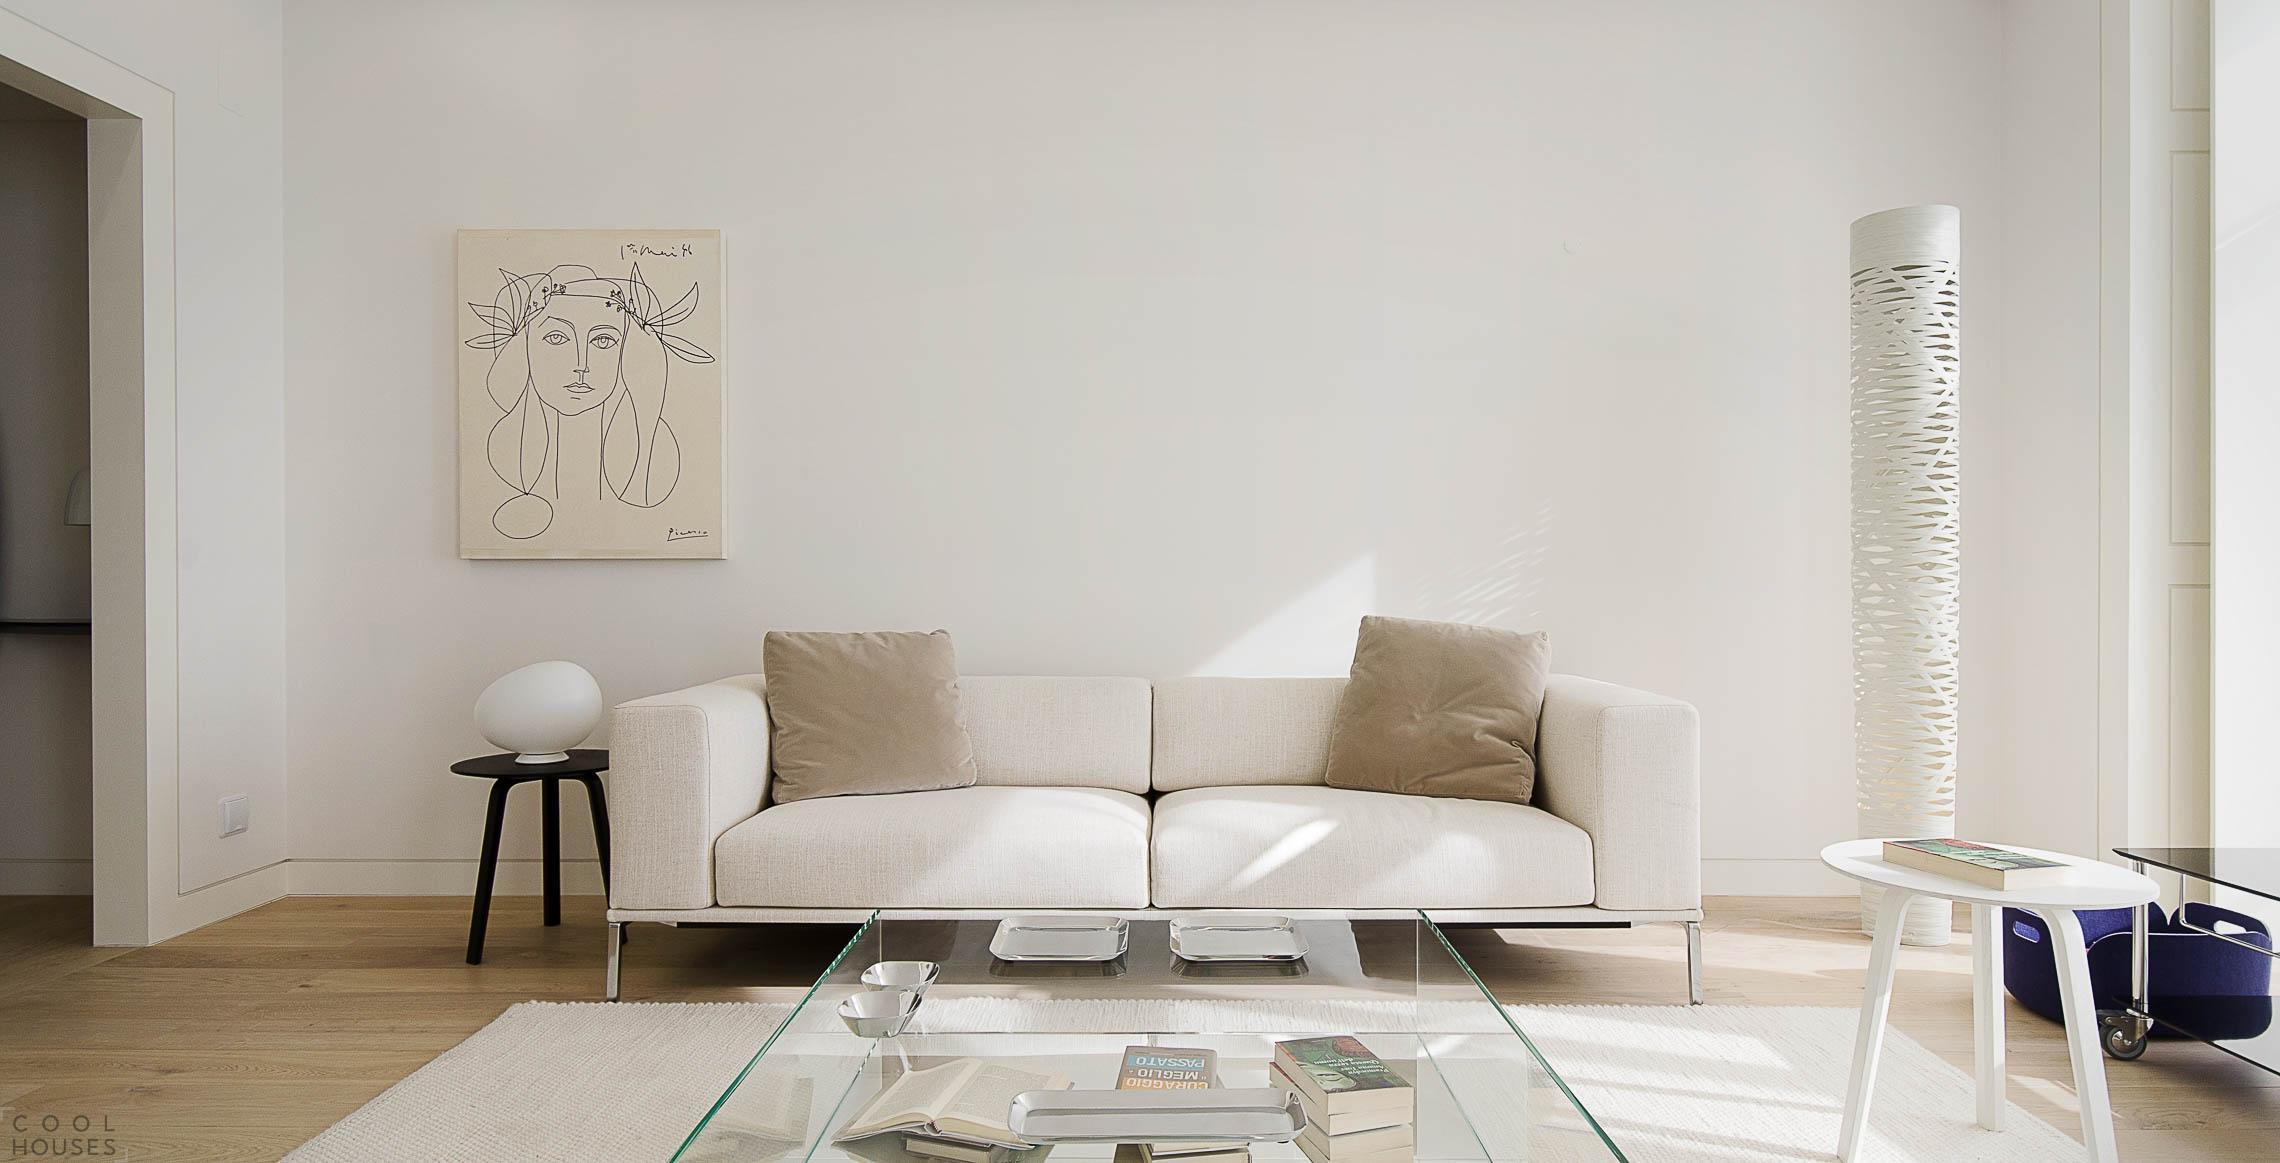 Элитный жилой комплекс с полностью меблированными квартирами, Португалия